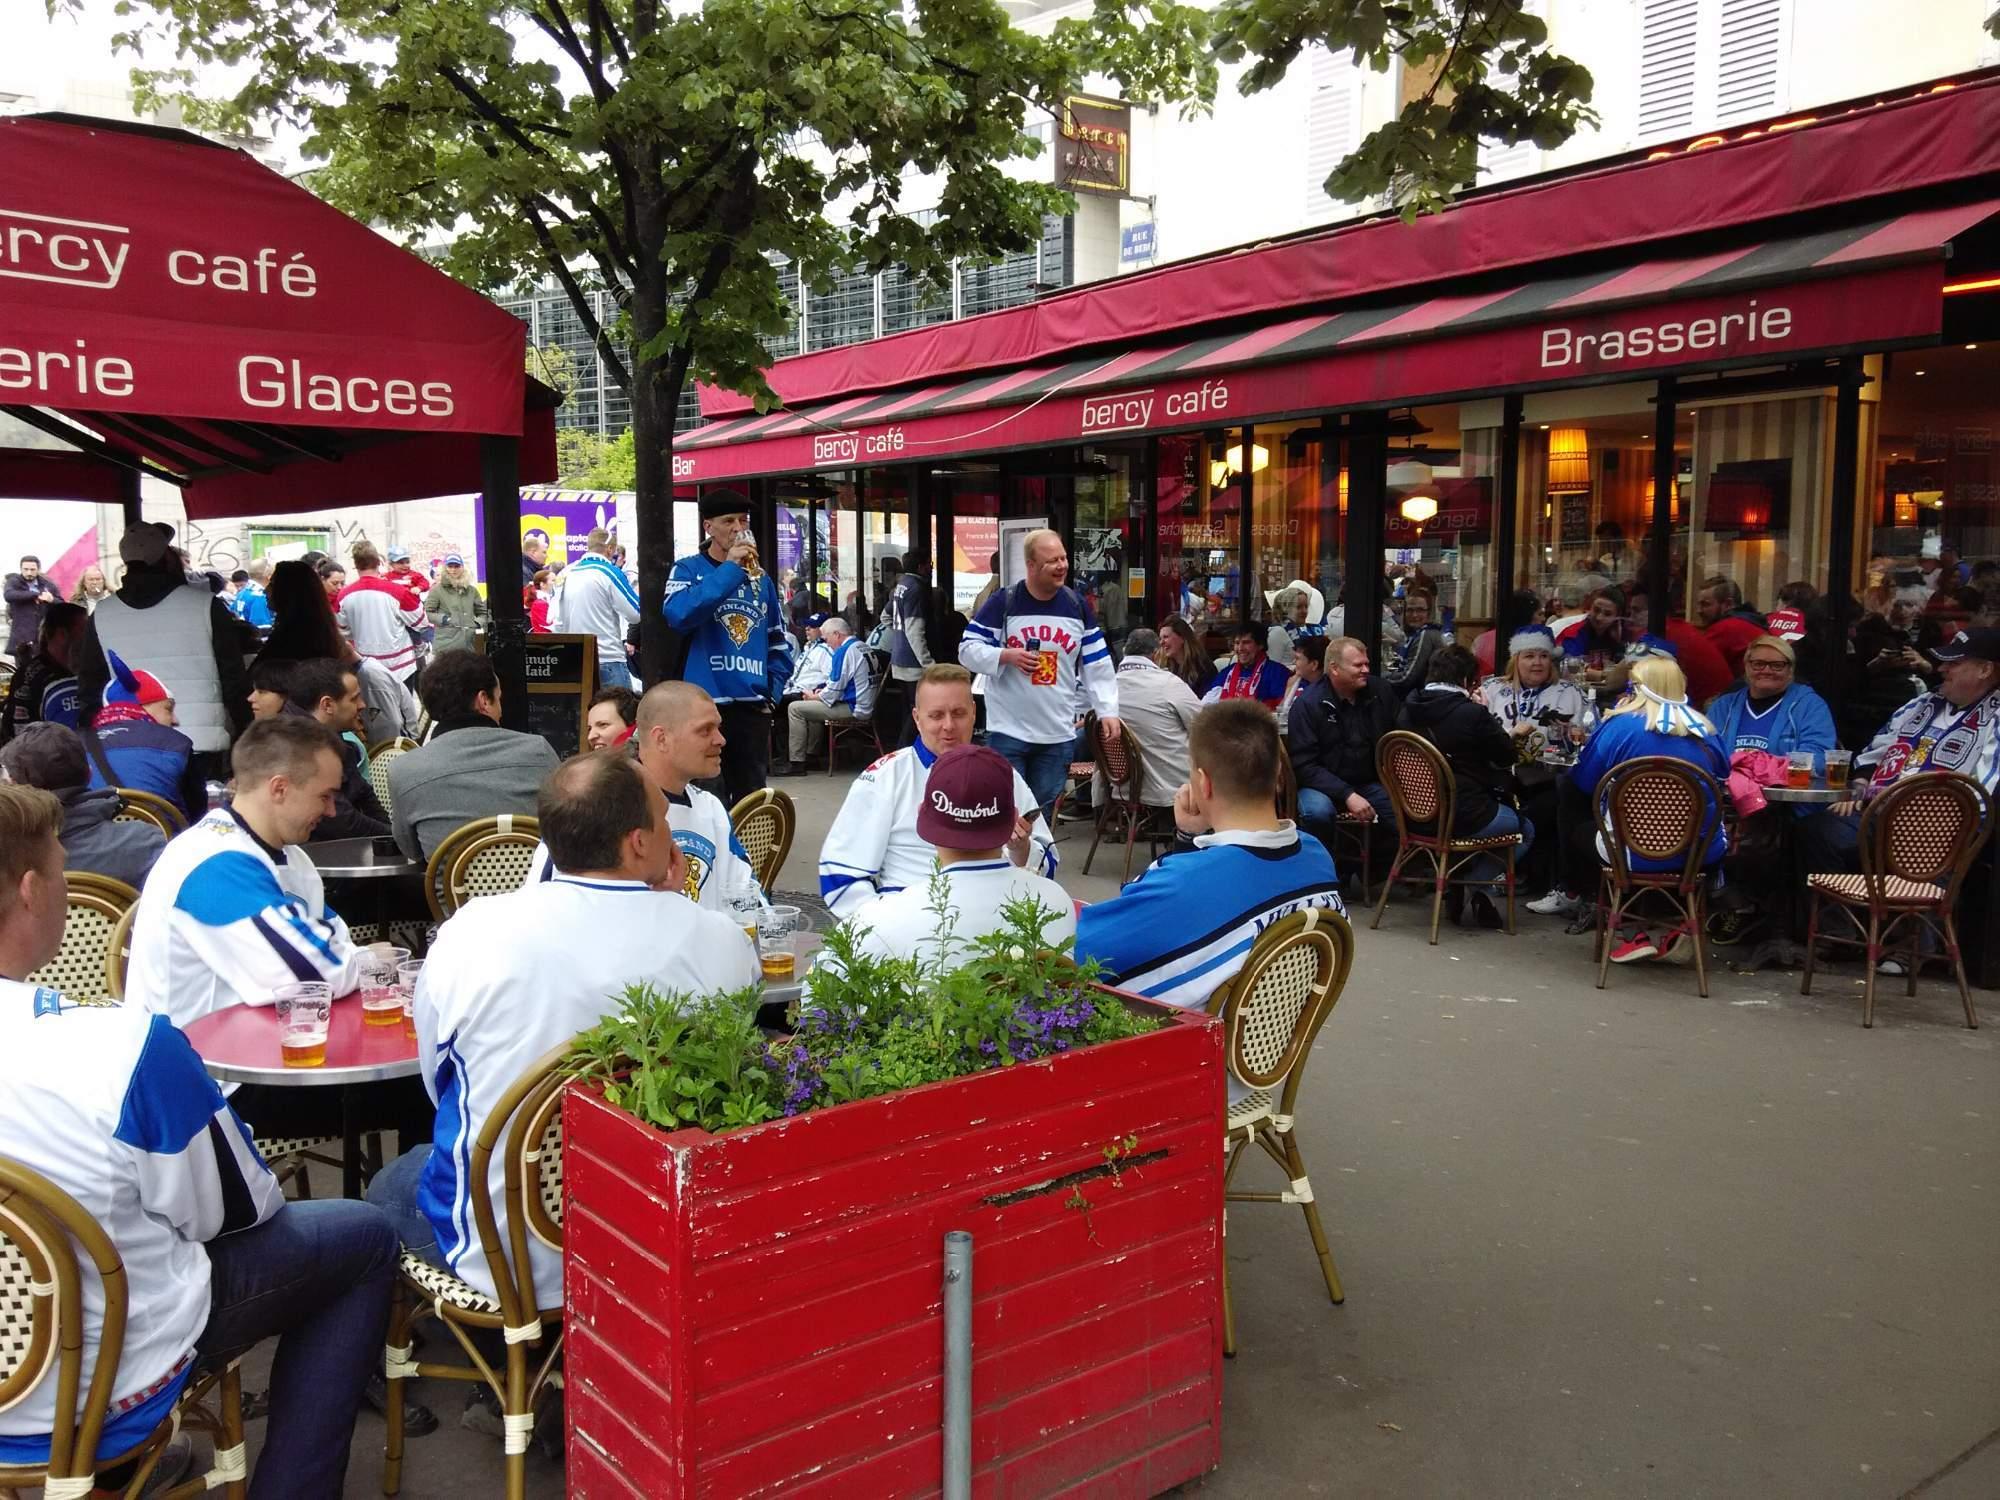 Restaurace poblíž arény v Paříži, kde se před utkáním posilňují fanoušci Finska i Česka. Foto: Radek Krajči